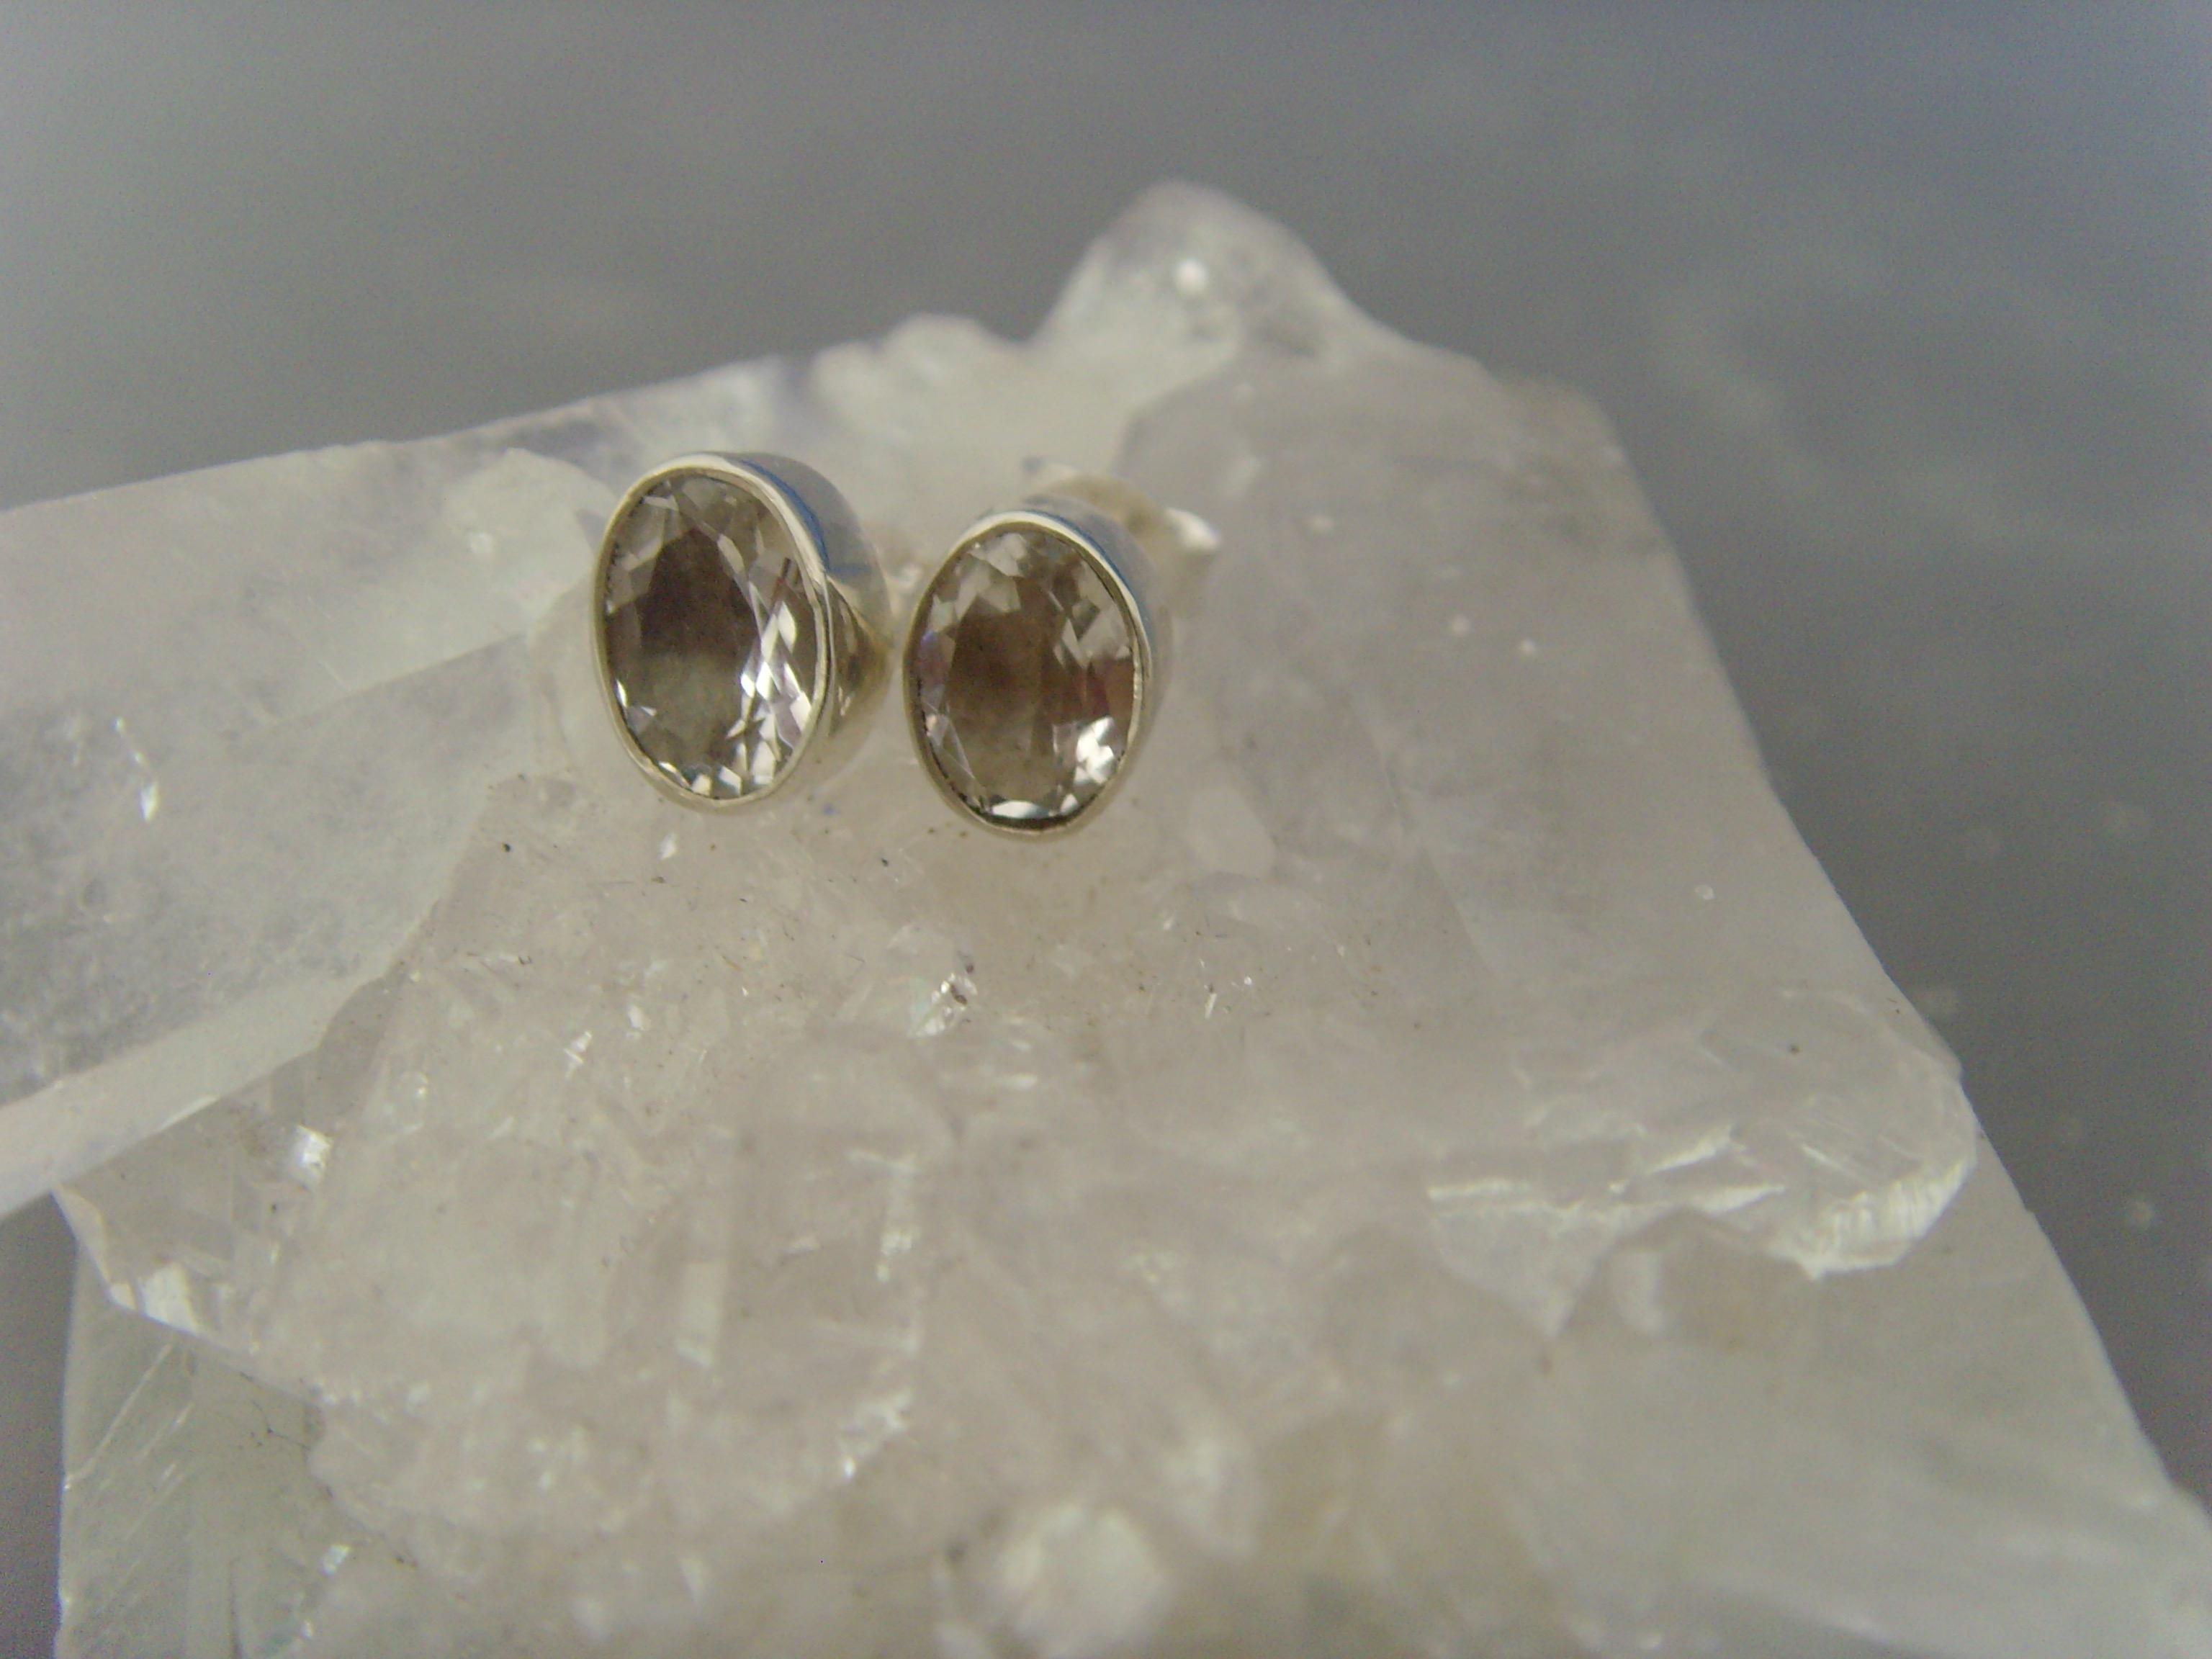 Ohrstecker-Bergkristall / facettiert - oval - 925'er Silberl